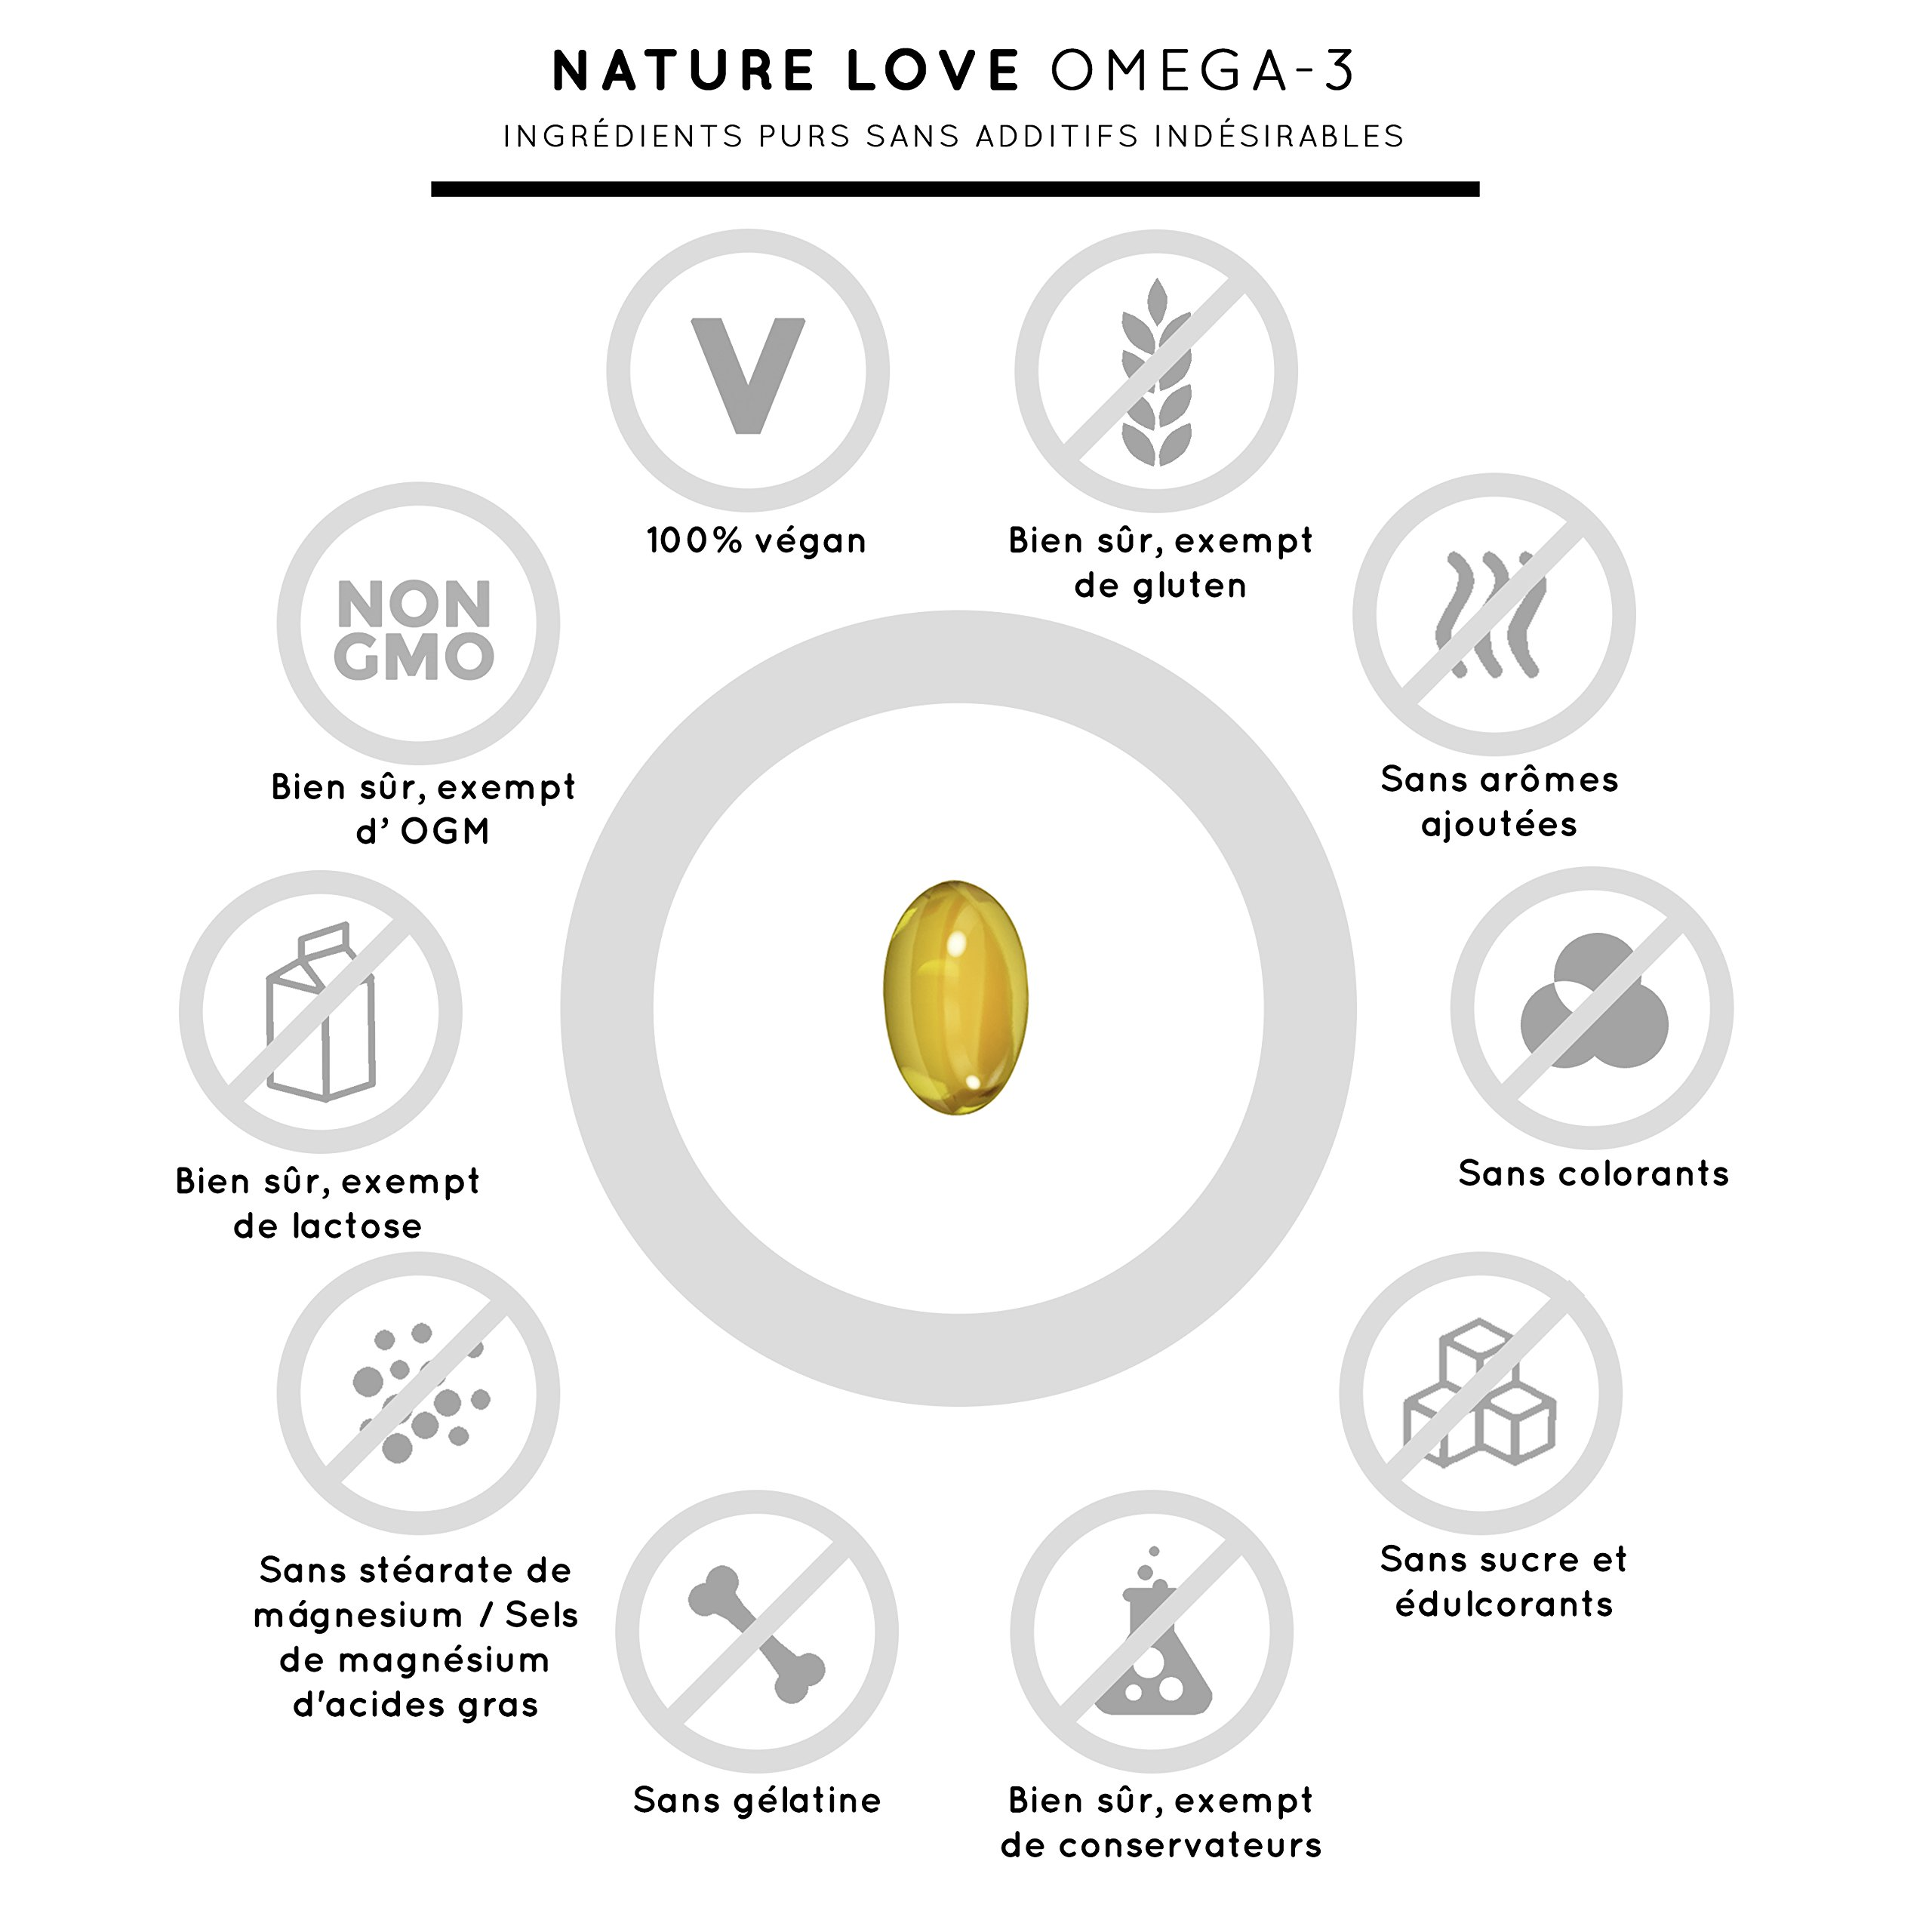 Capsules d\'huile d\'algues Omega 3 vegan - Qualité supérieure : végétales à base d\'huile d\'algues. 120 petites Oméga 3 gélules, faciles à avaler. Contient des acides gras EPA & DHA. Complément alimentaire de Nature Love